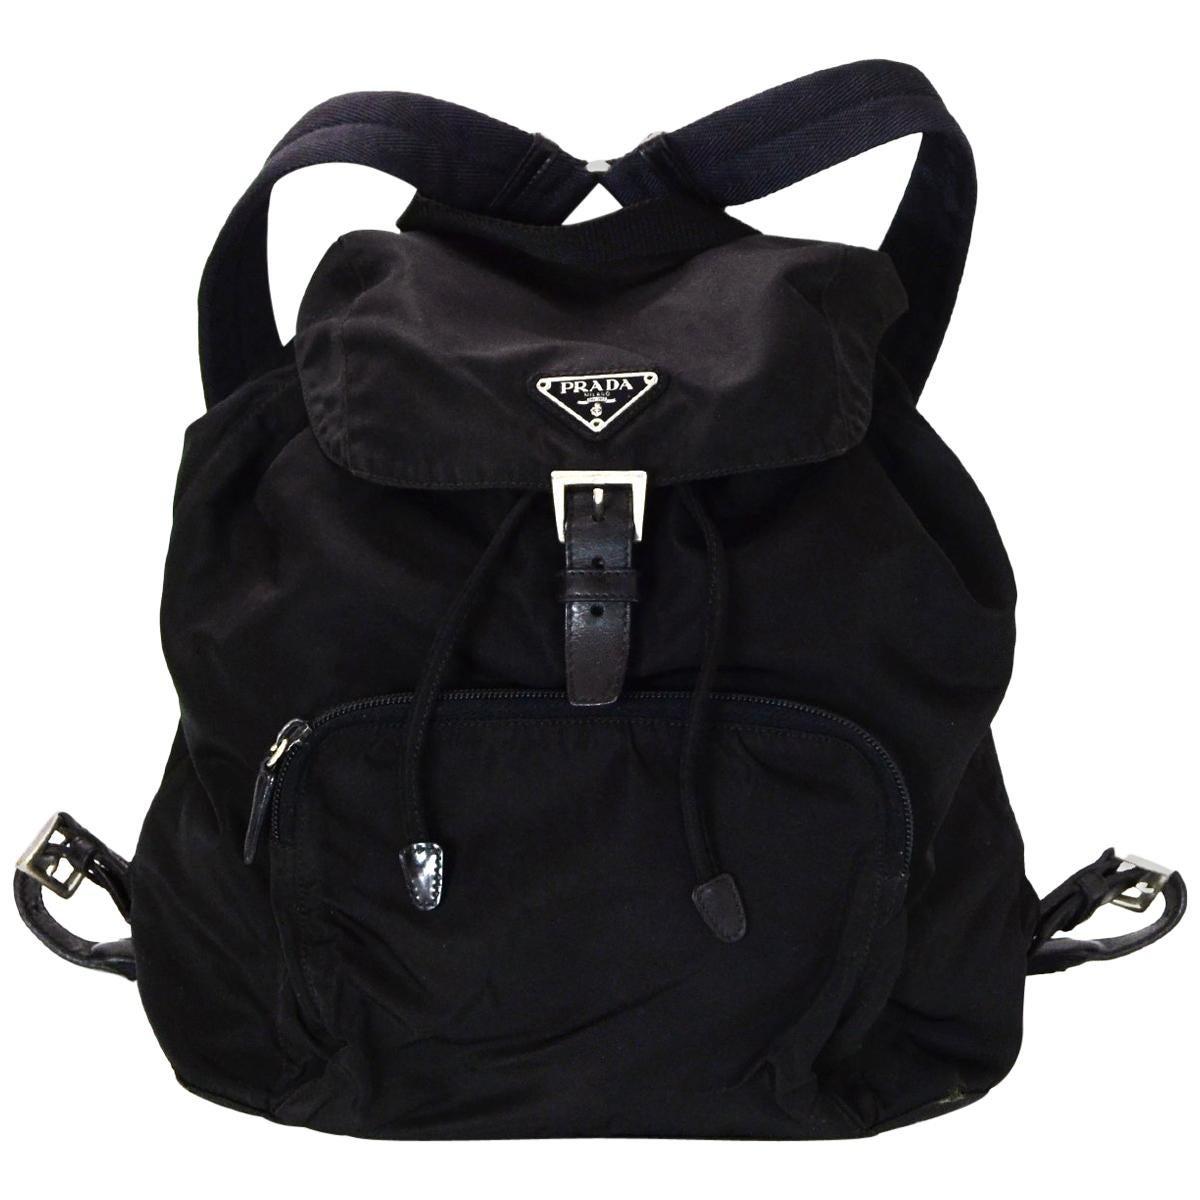 0f835b0af6ff 50% off prada black nylon front zip pocket backpack bag 902c9 1da04